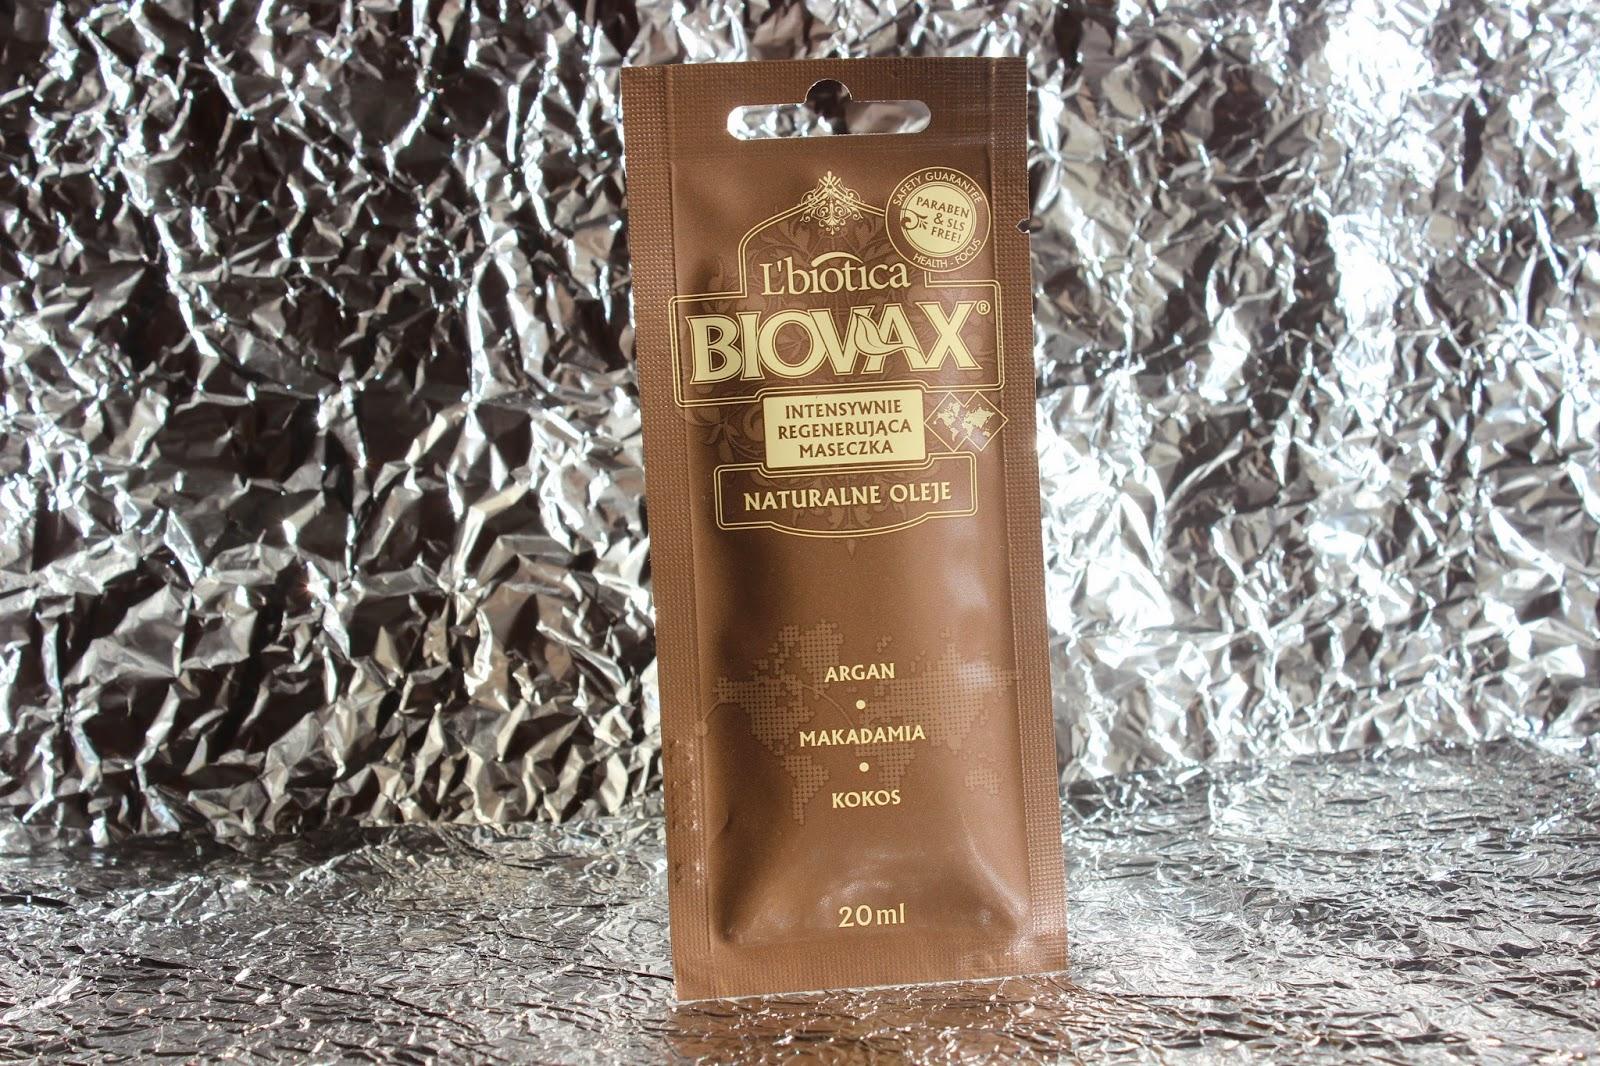 Biovax - Intensywnie regenerująca maseczka `Argan, makadamia i kokos` + aktualizacja włosowa